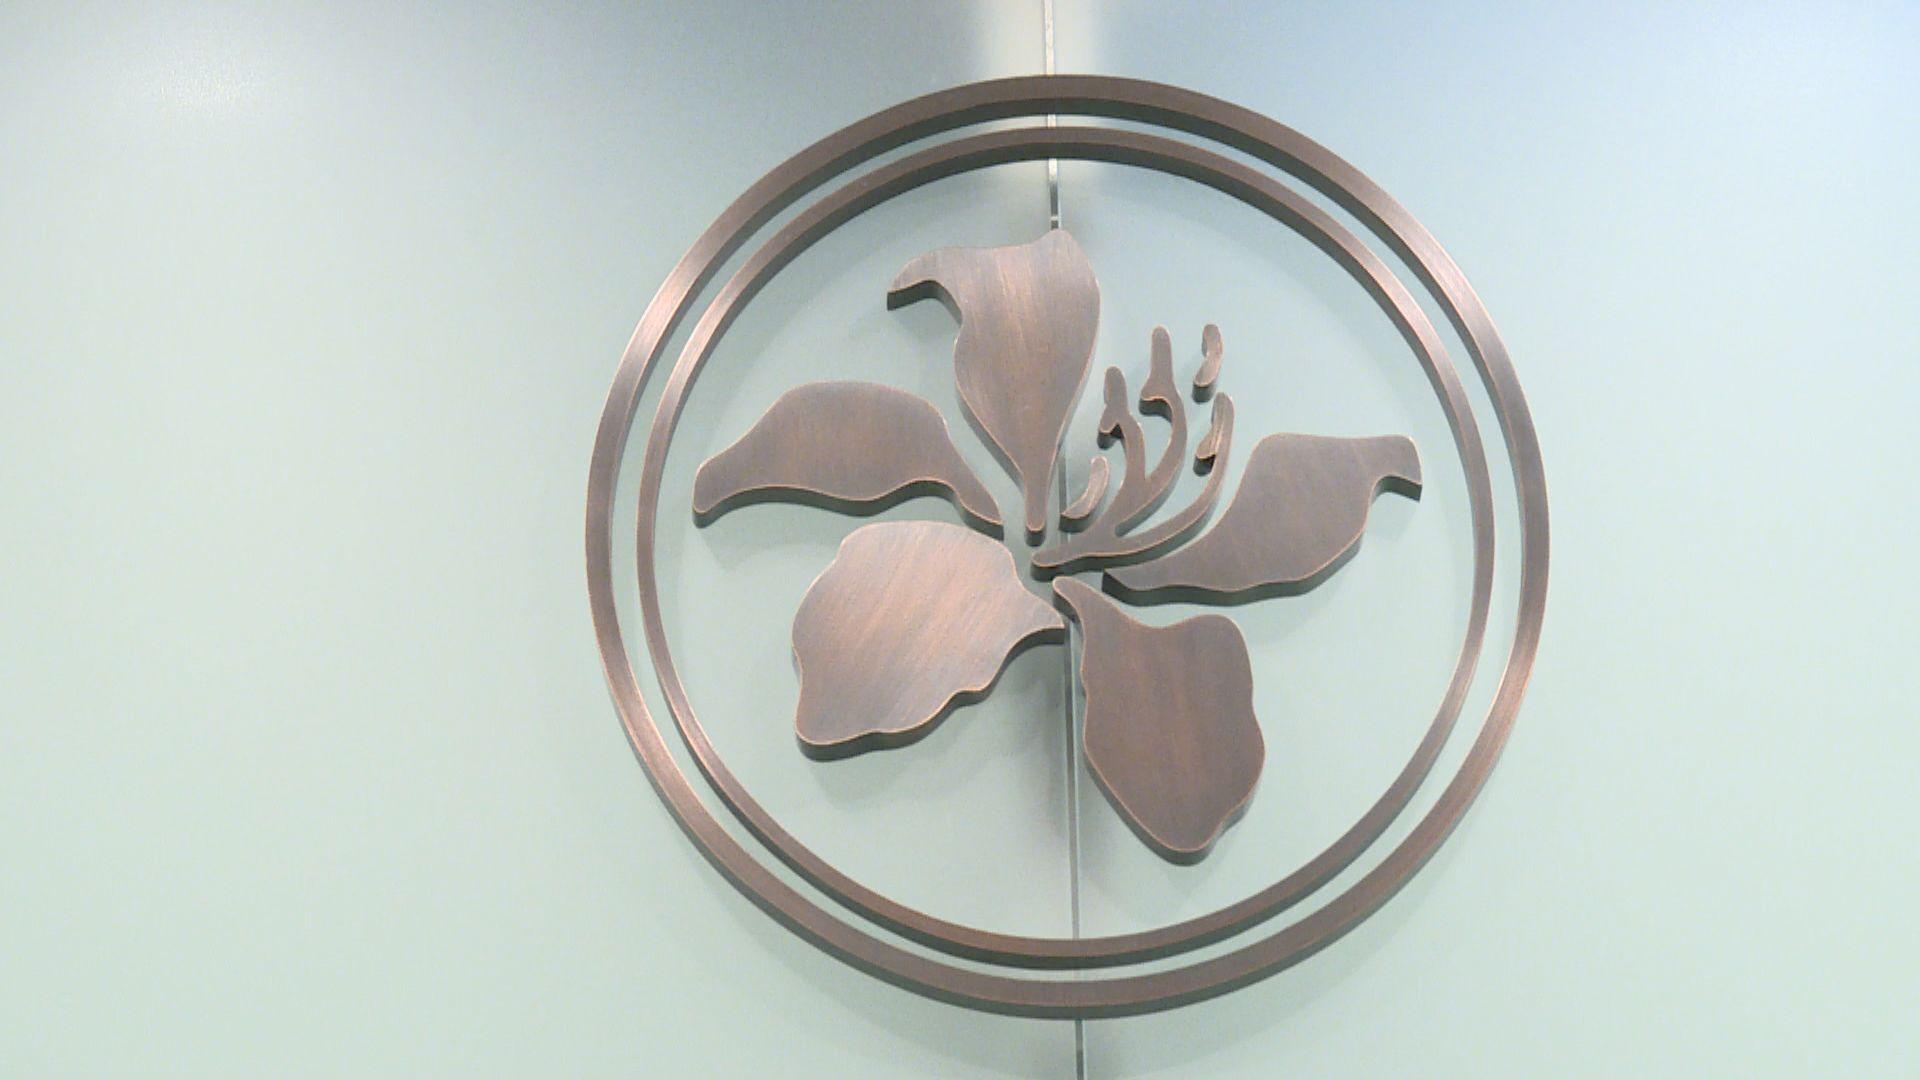 星島日報:金管局擬向銀行發指引應變美制裁名單